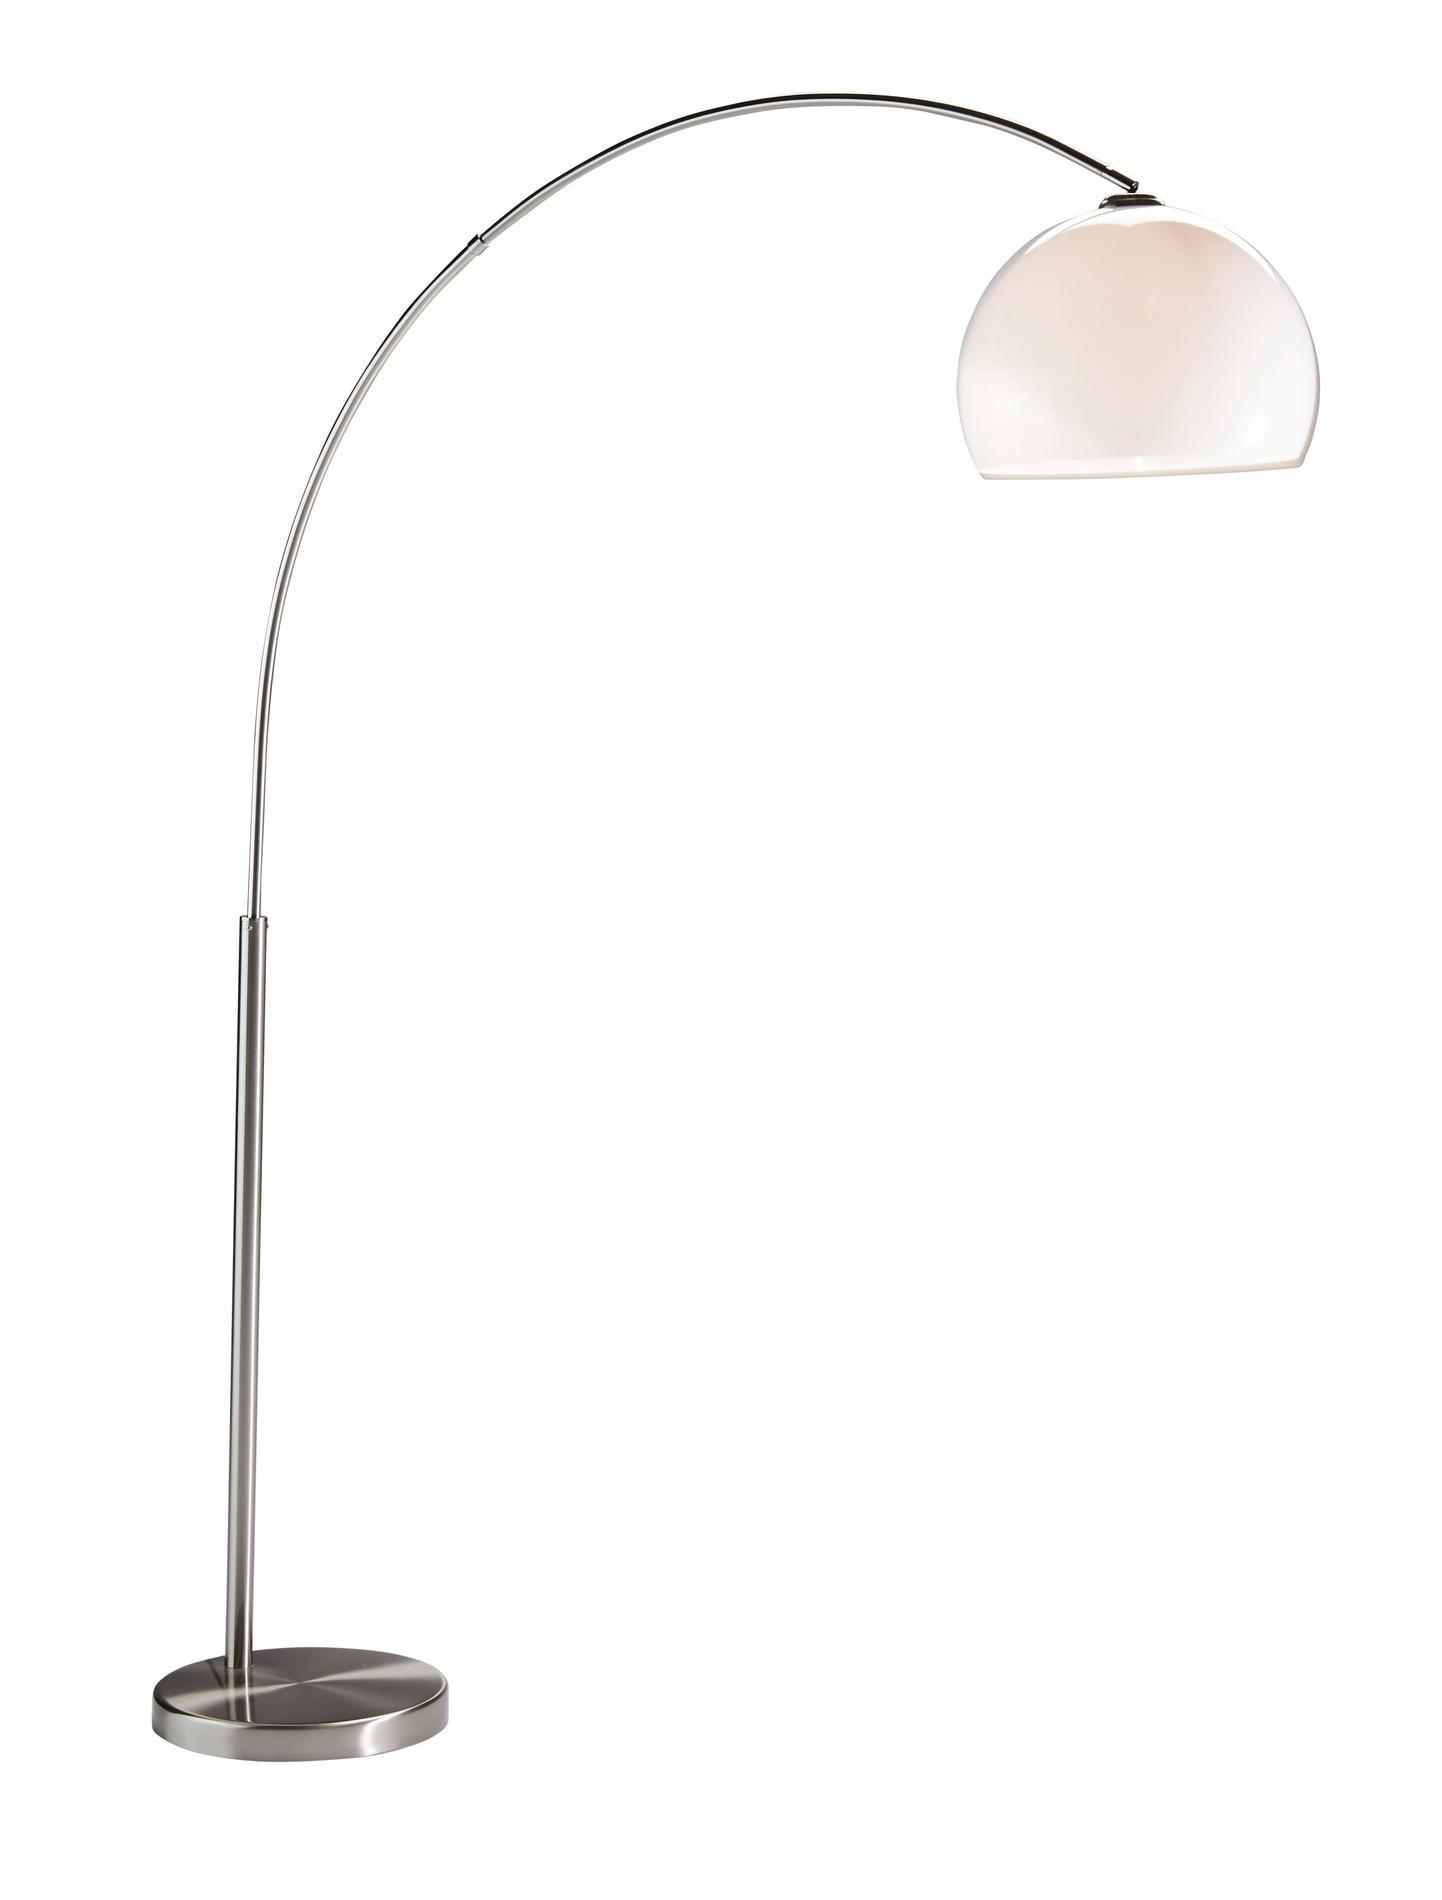 Rétro Un Vintage Luminaires Pour Madame 20 Intérieur Figaro Ow0Pnk